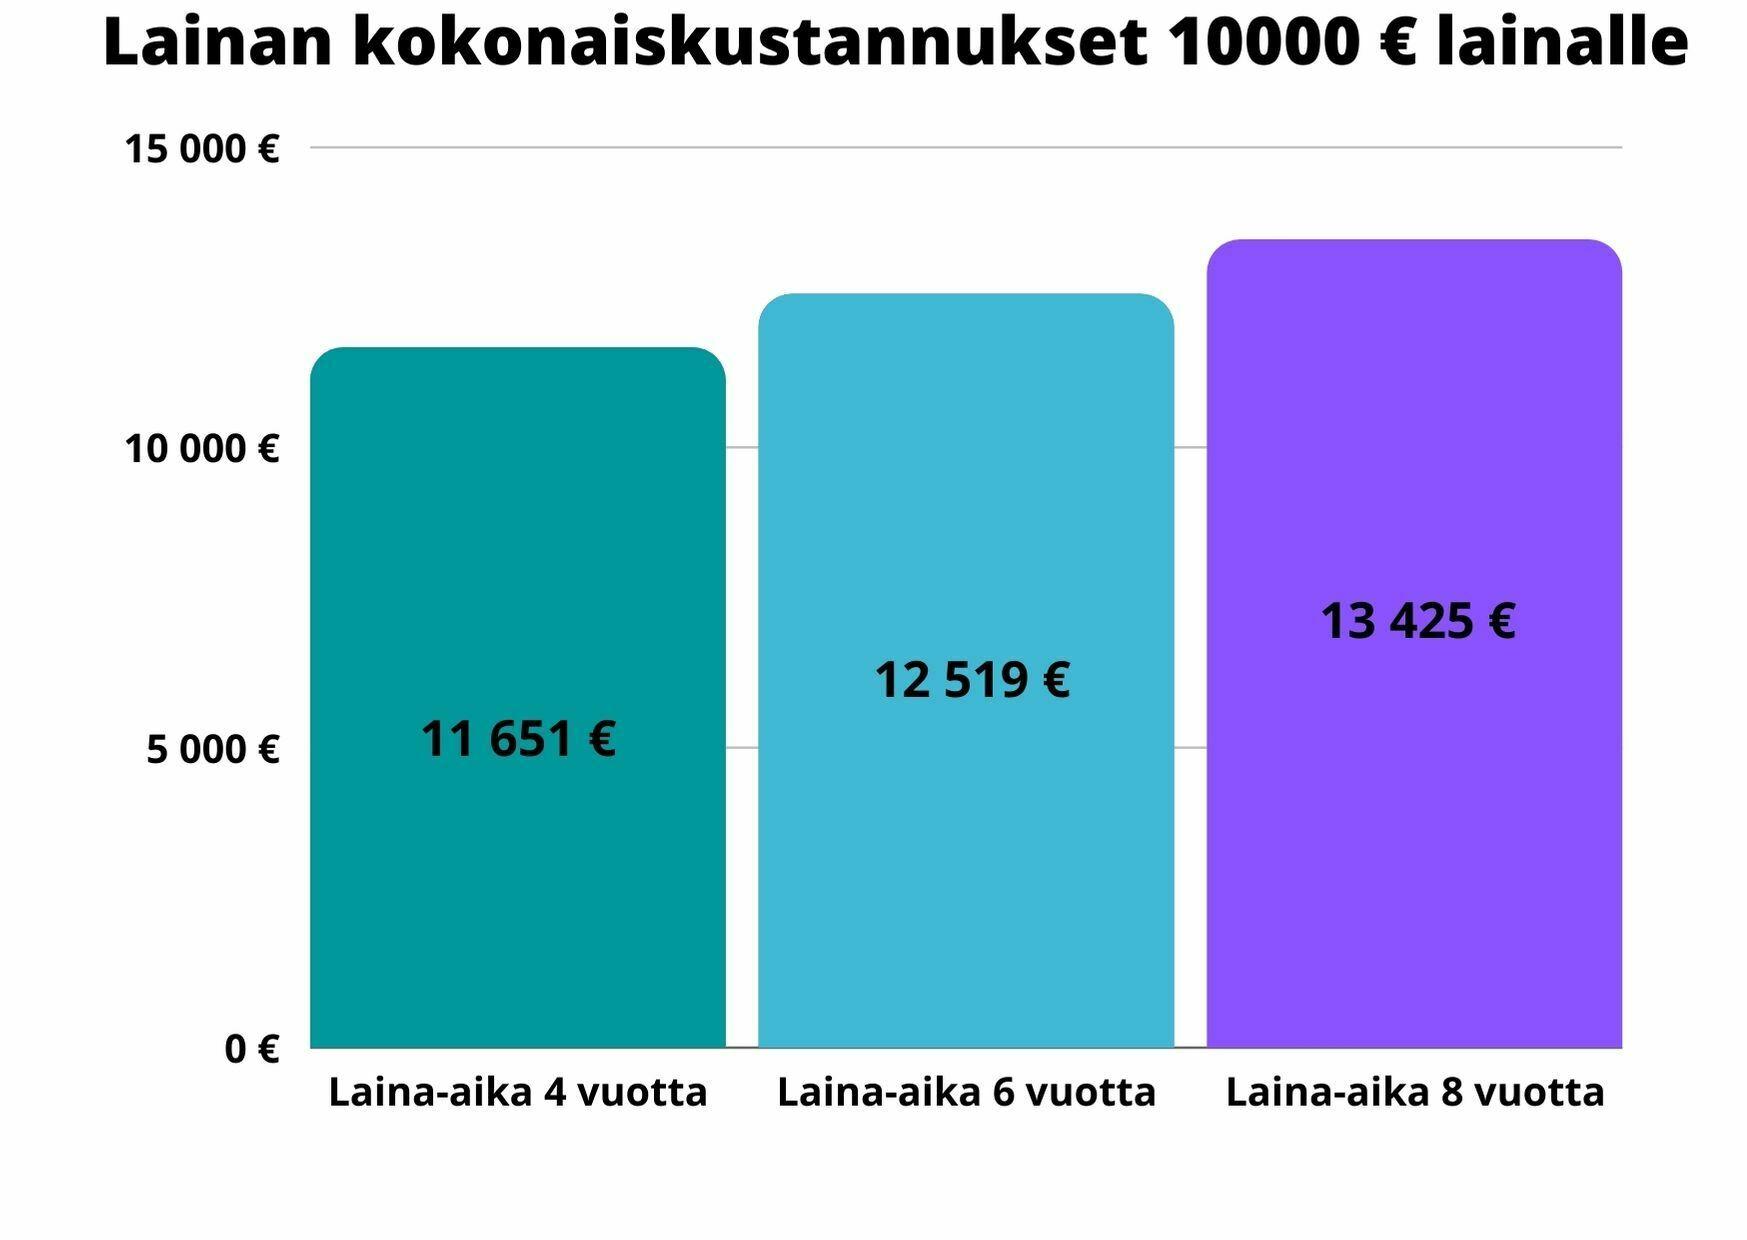 Lainan kokonaiskustannukset 10000 € lainalle